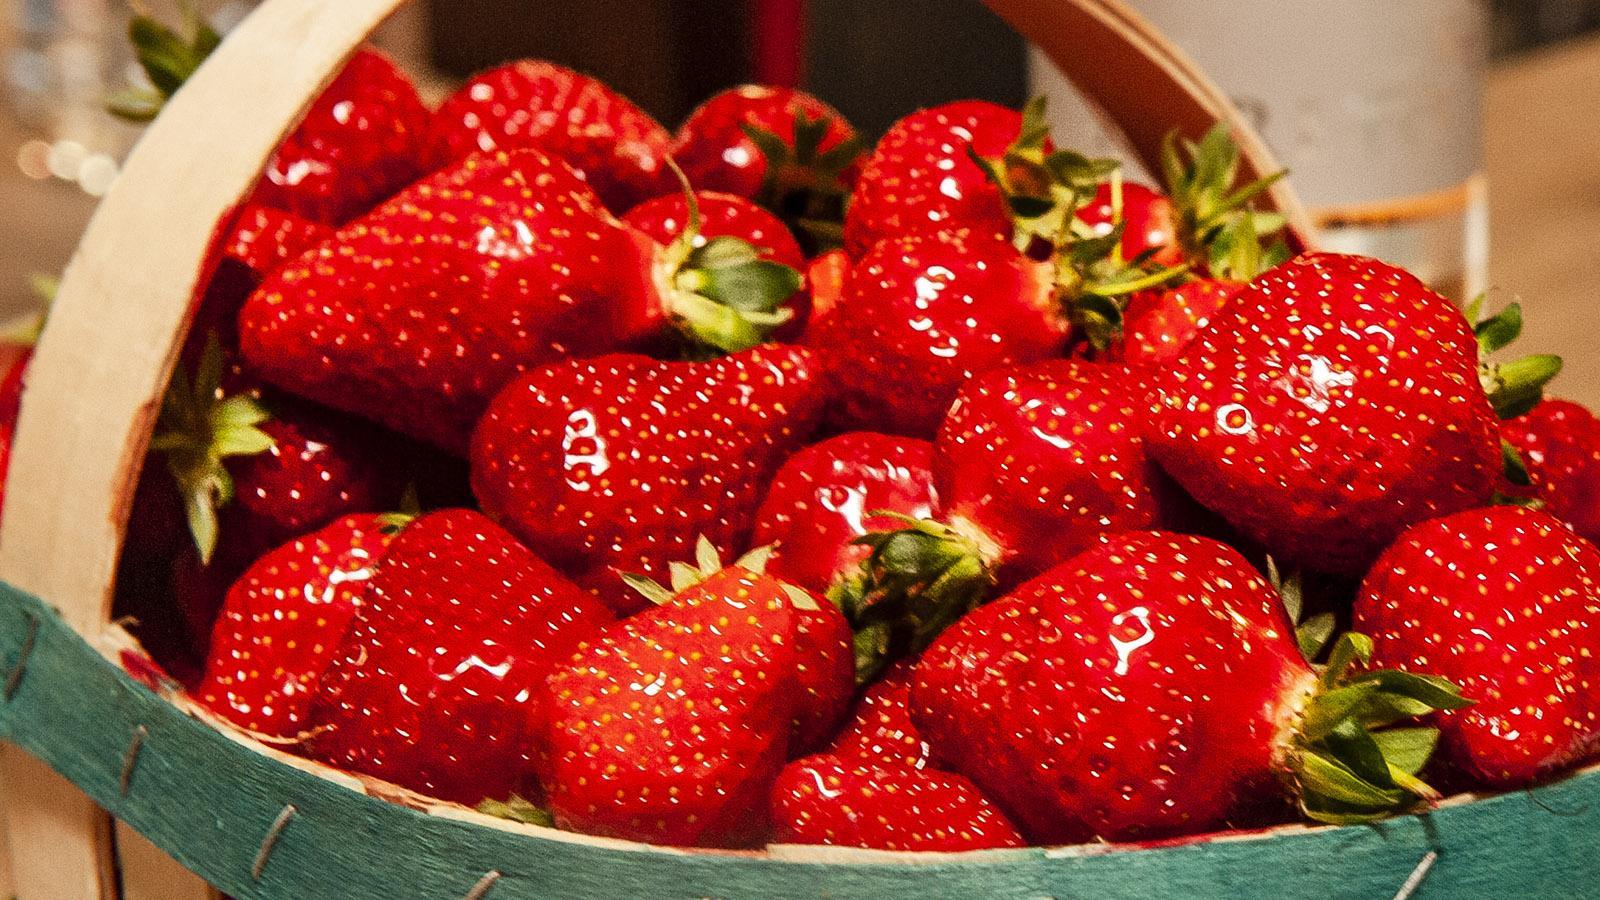 Erdbeeren: Sechs Sorten sind in Frankreich im Handel